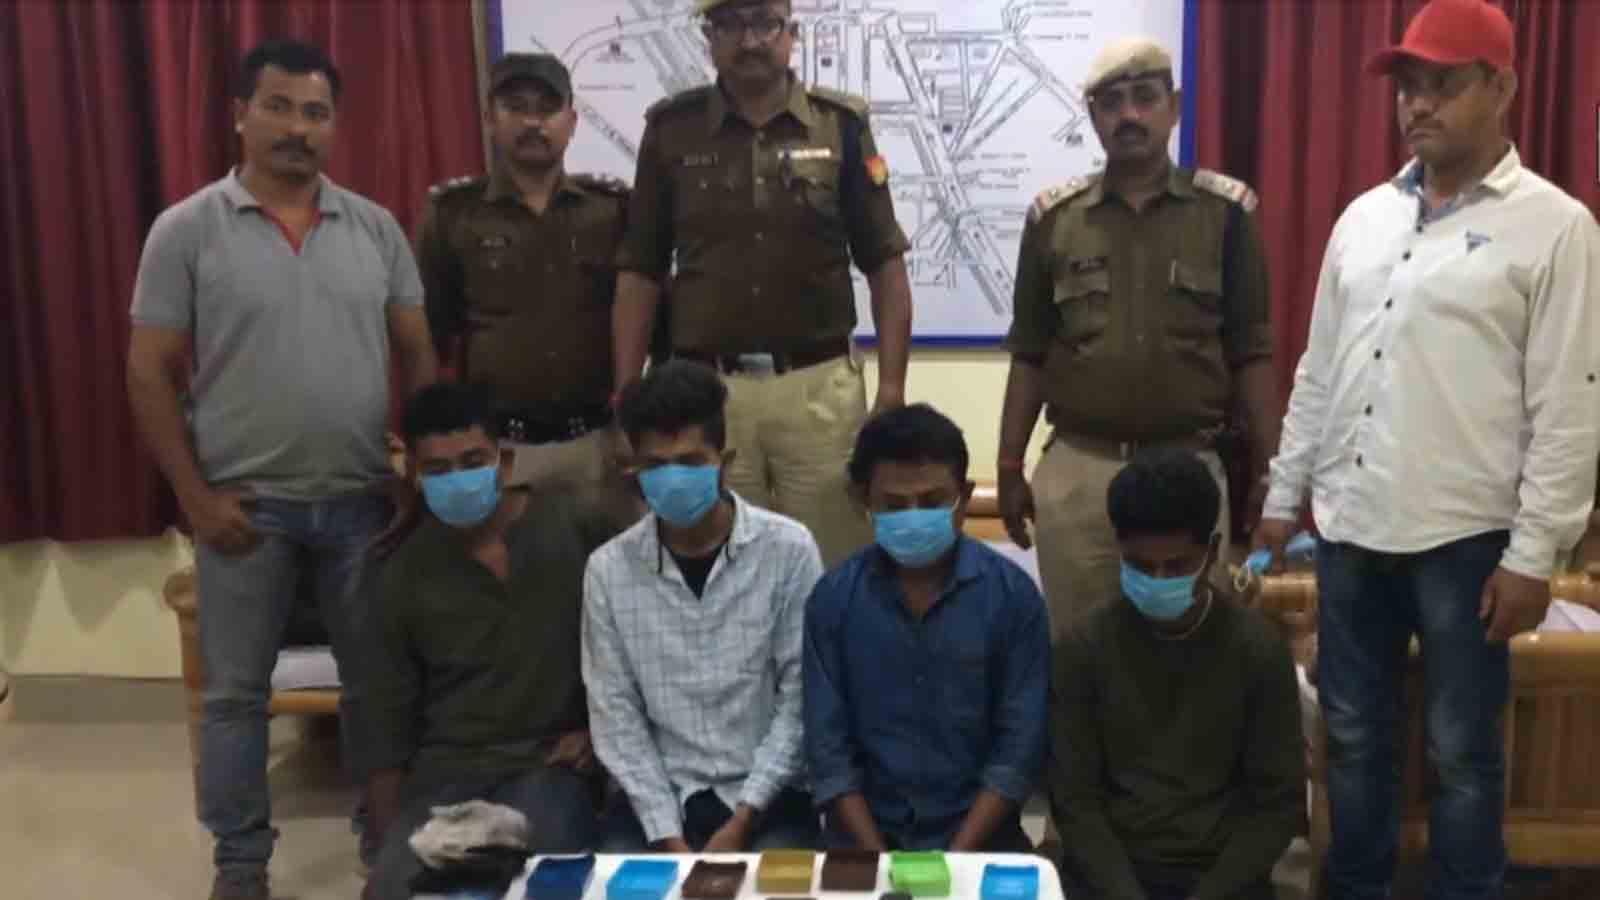 assam-4-drug-peddlers-arrested-in-dibrugarh-brown-sugar-worth-rs-8-lakh-seized